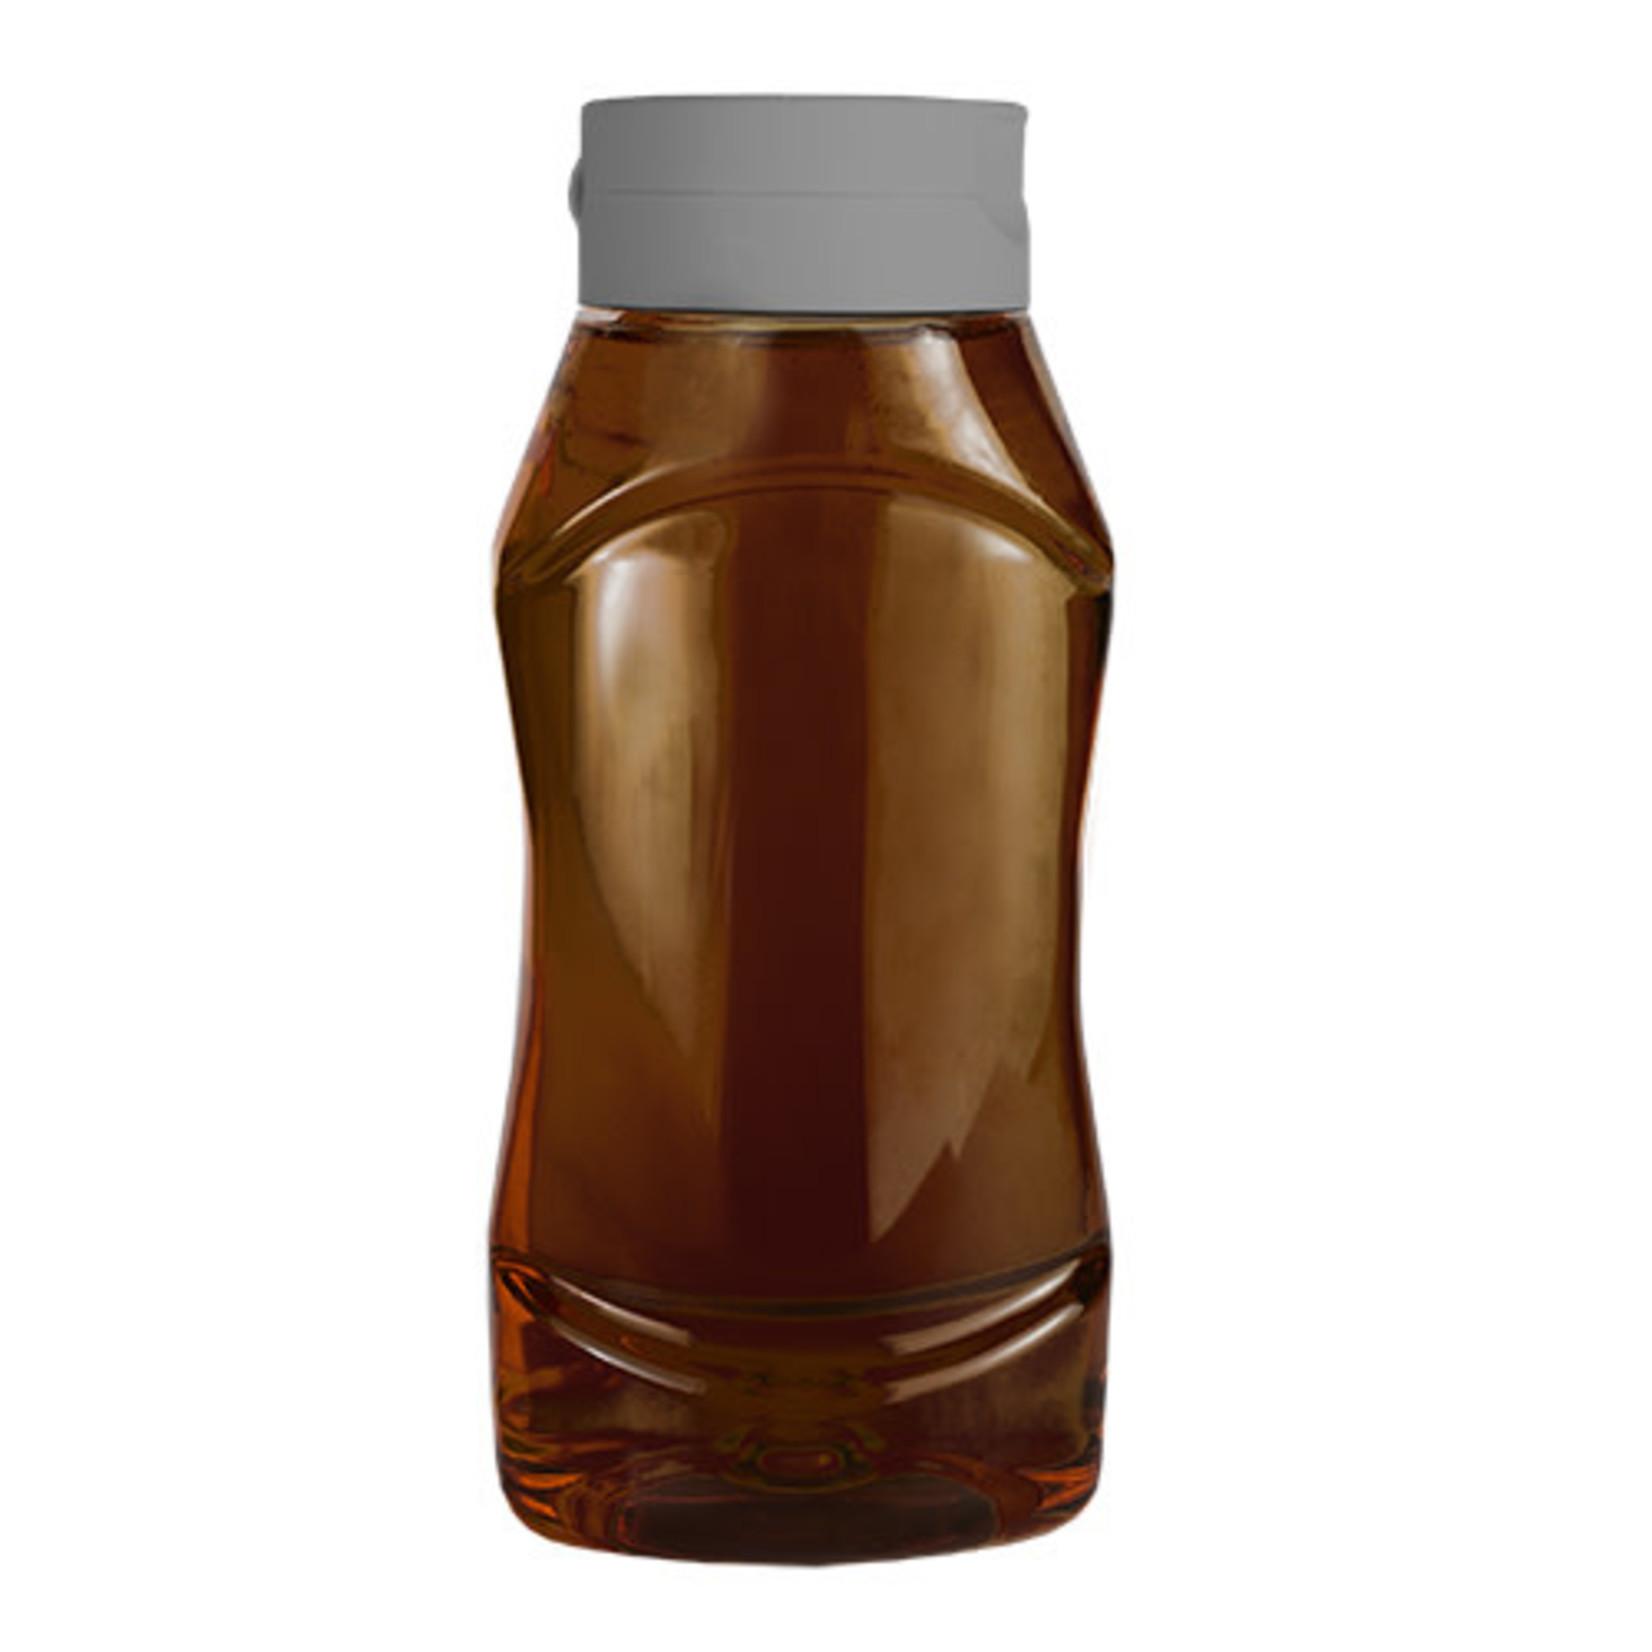 Smulders Diervoeders Zalmolie 100% puur 500ml